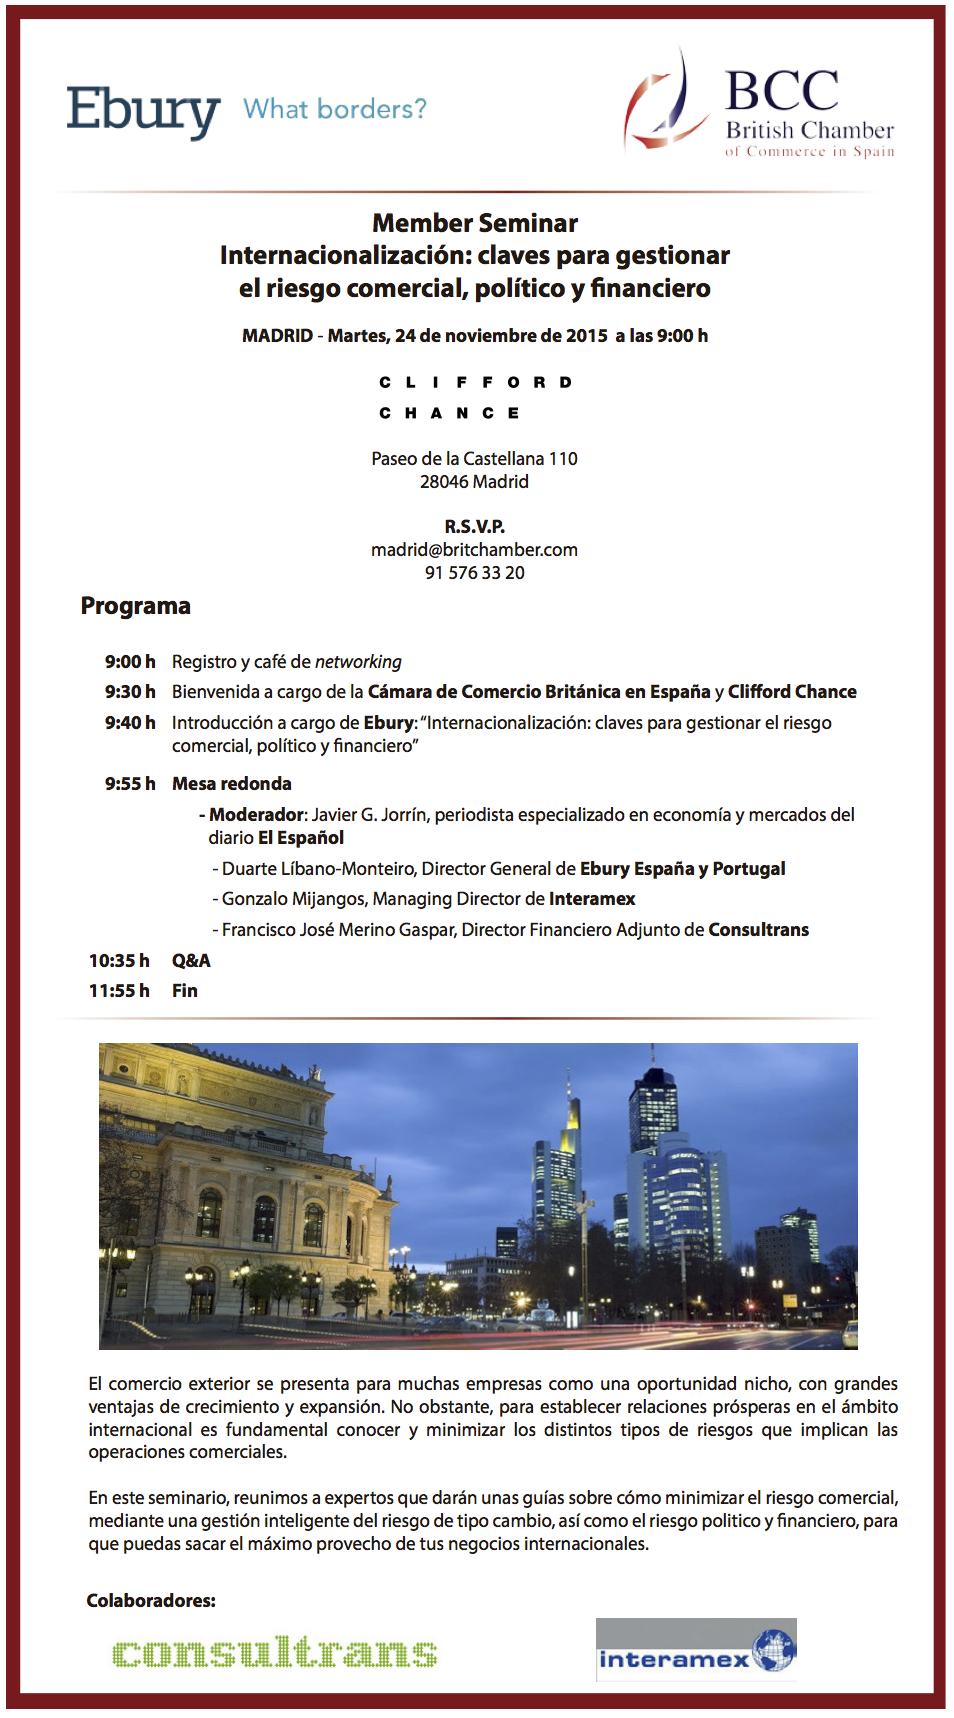 PNG. Invitación Member Seminar Internacionalización claves para gestionar el riesgo comercial, político financiero (2)